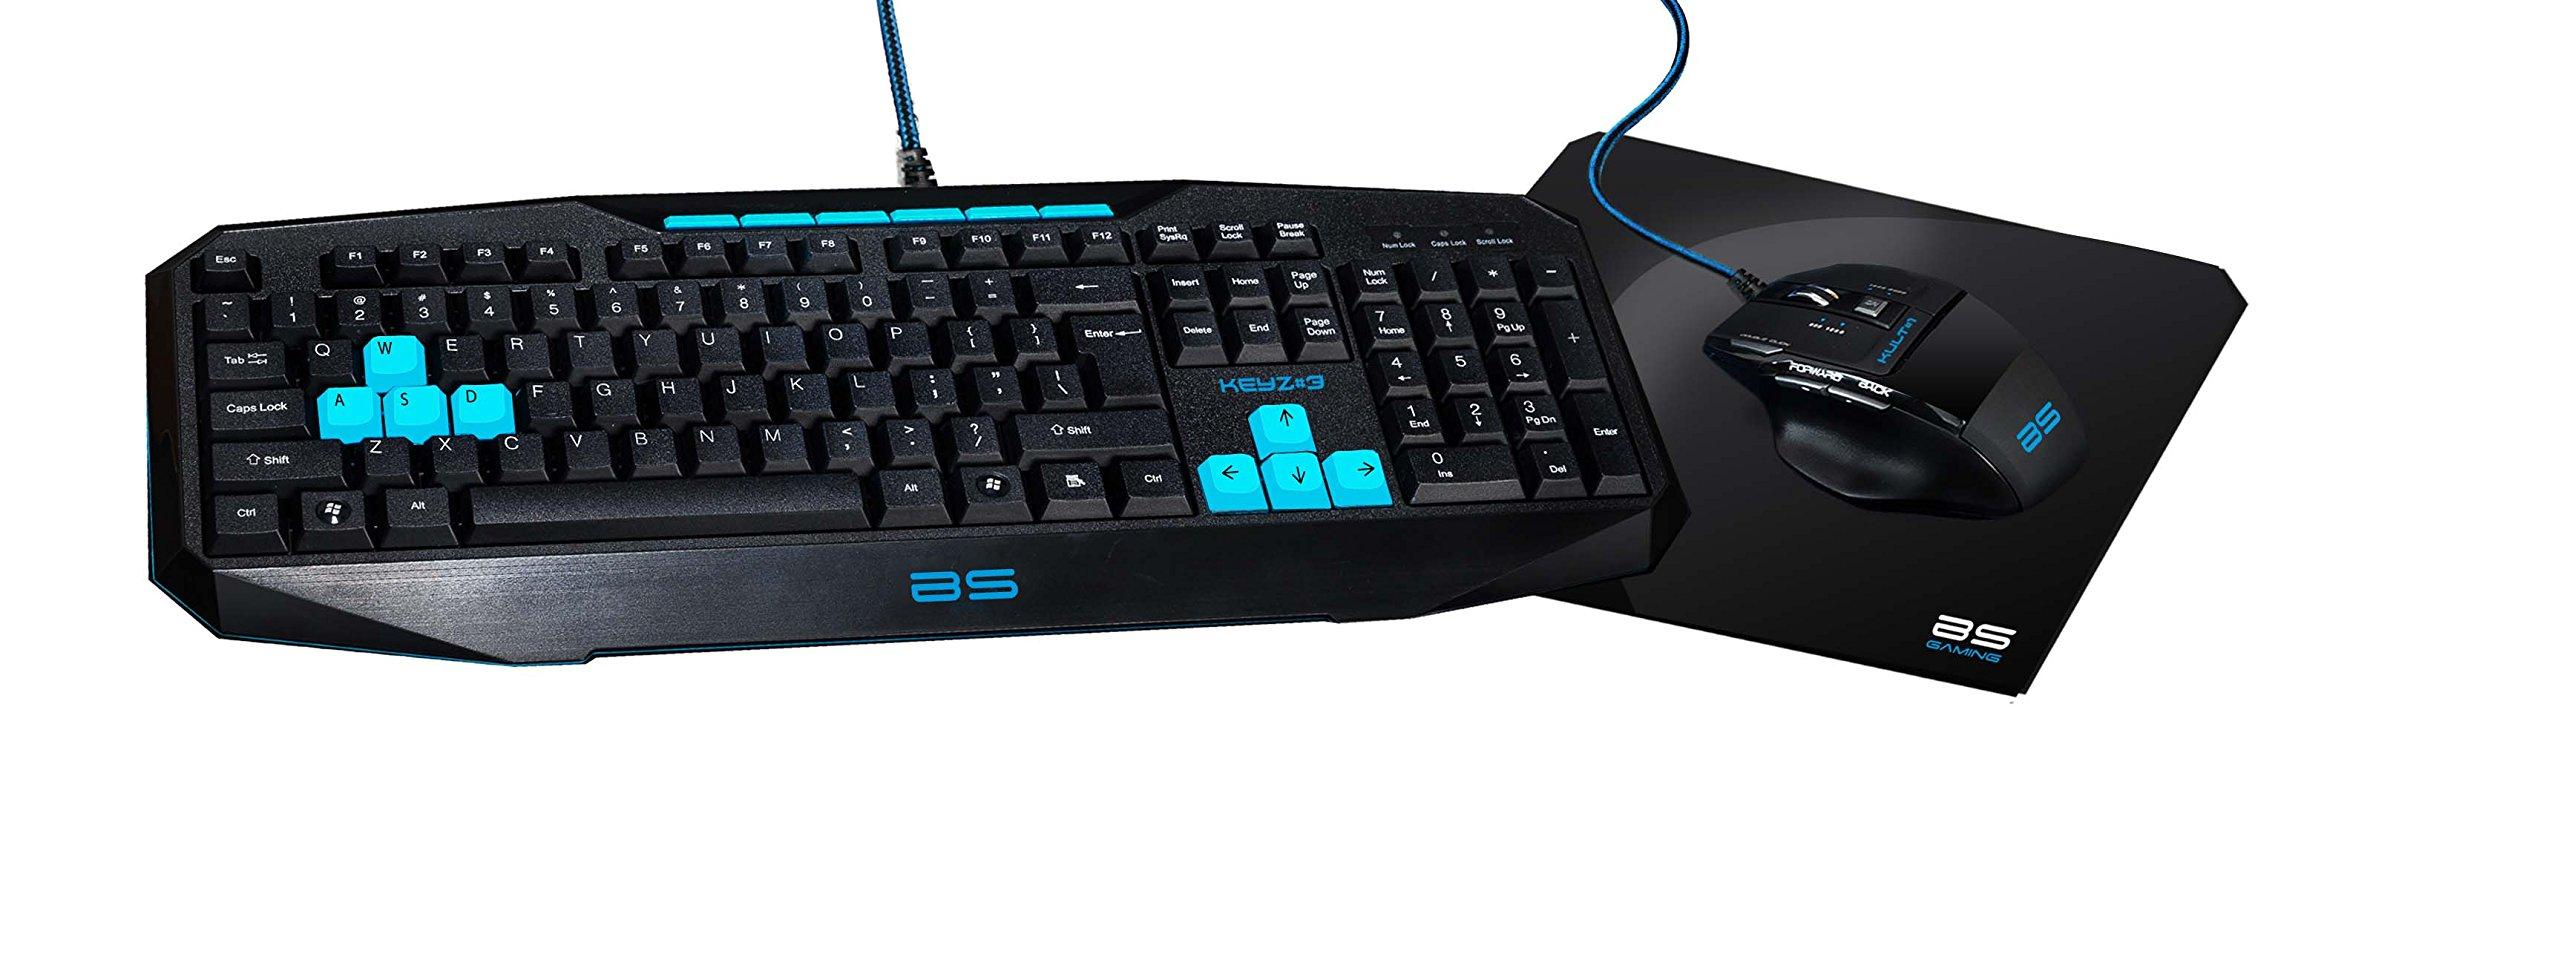 Bluestork 4160021877 - Pack Gaming SP Teclado con ratón y Alfombrilla, Multicolor: Amazon.es: Informática